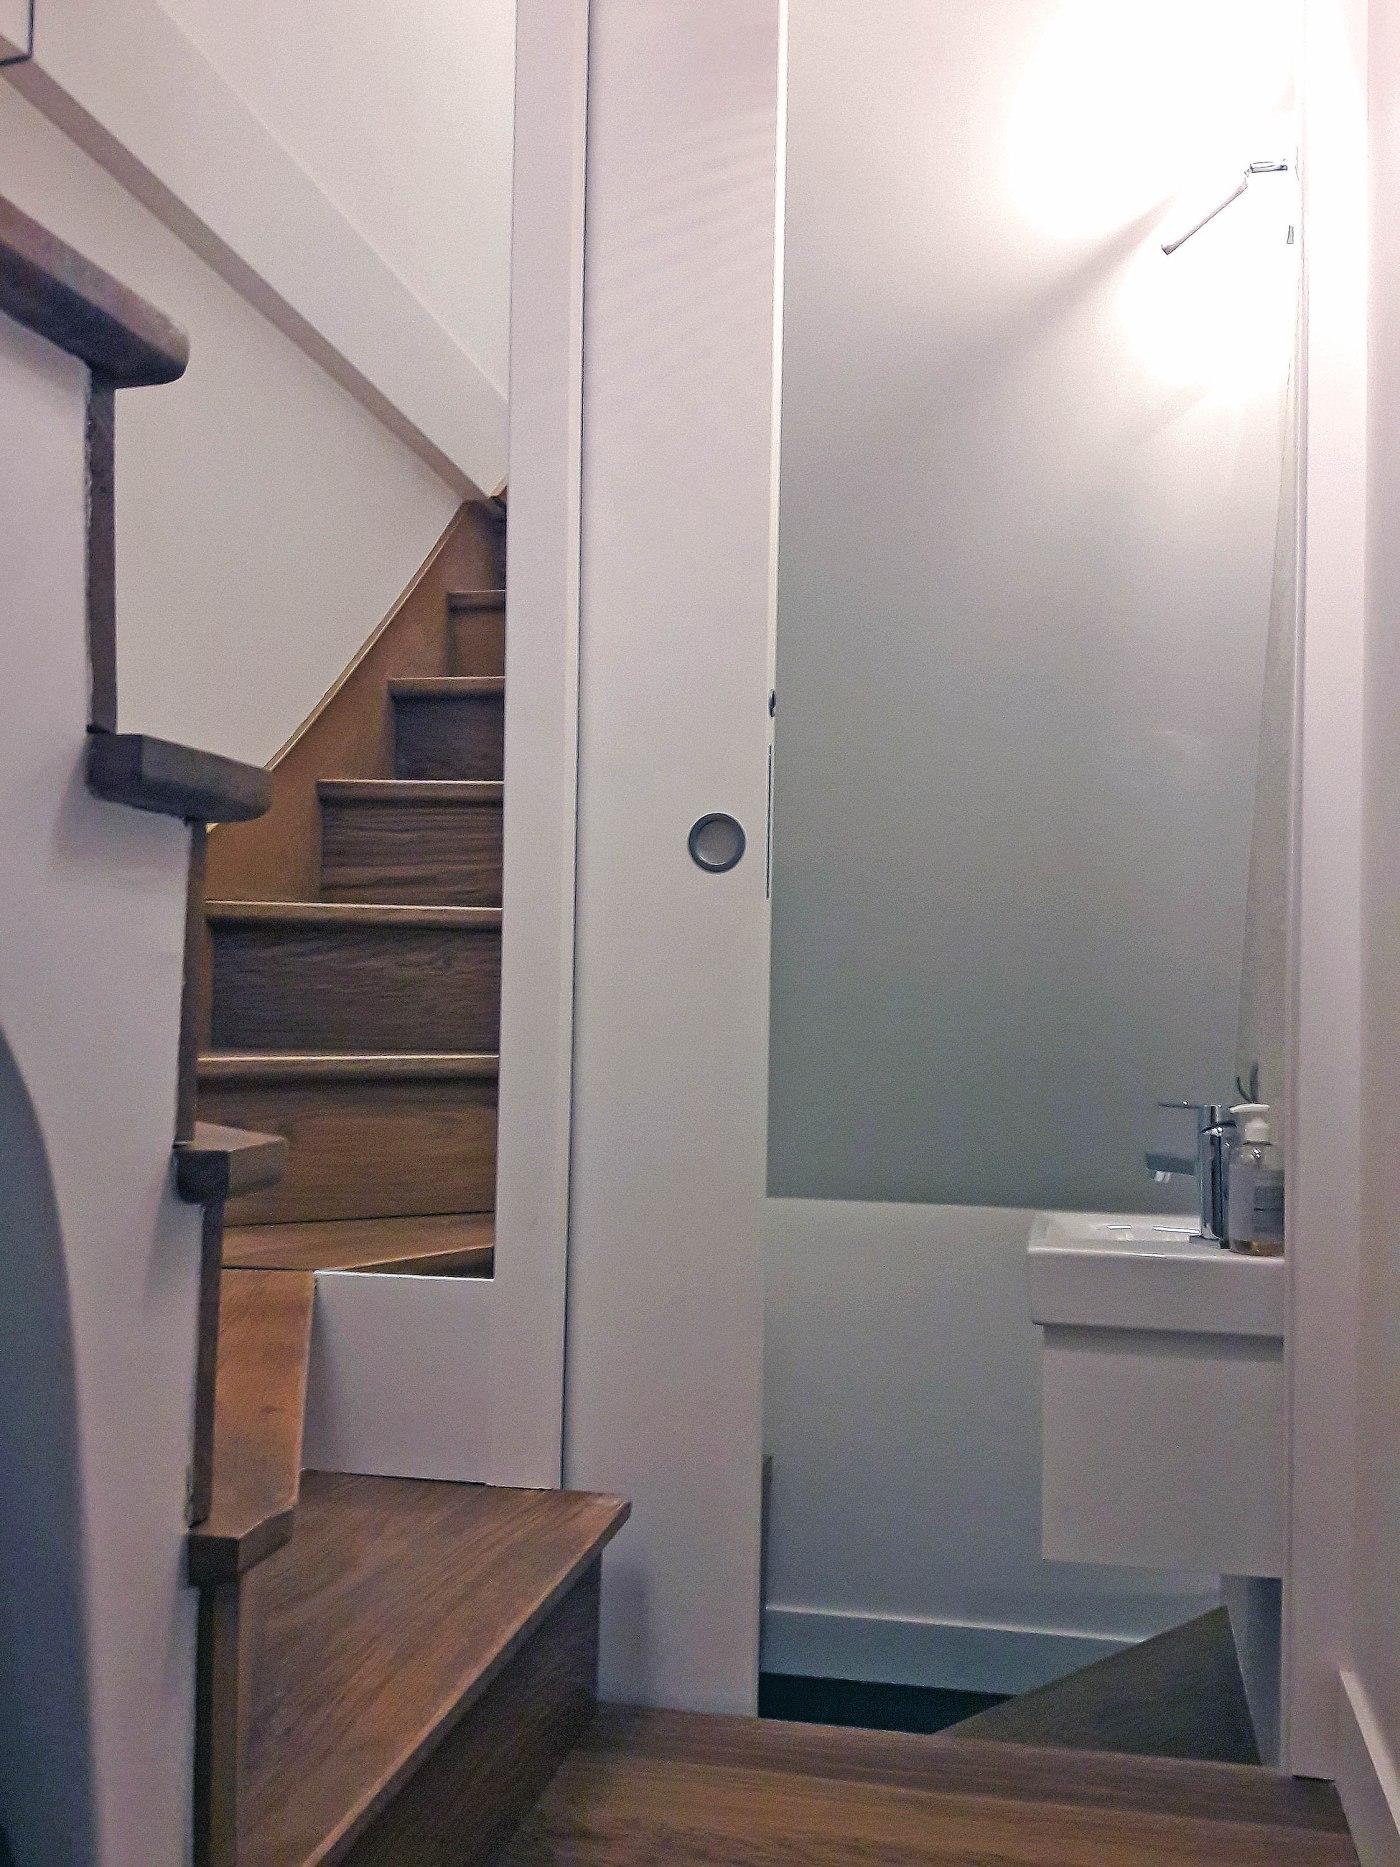 Entrée - Cage d'escalier Après travaux de rénovation